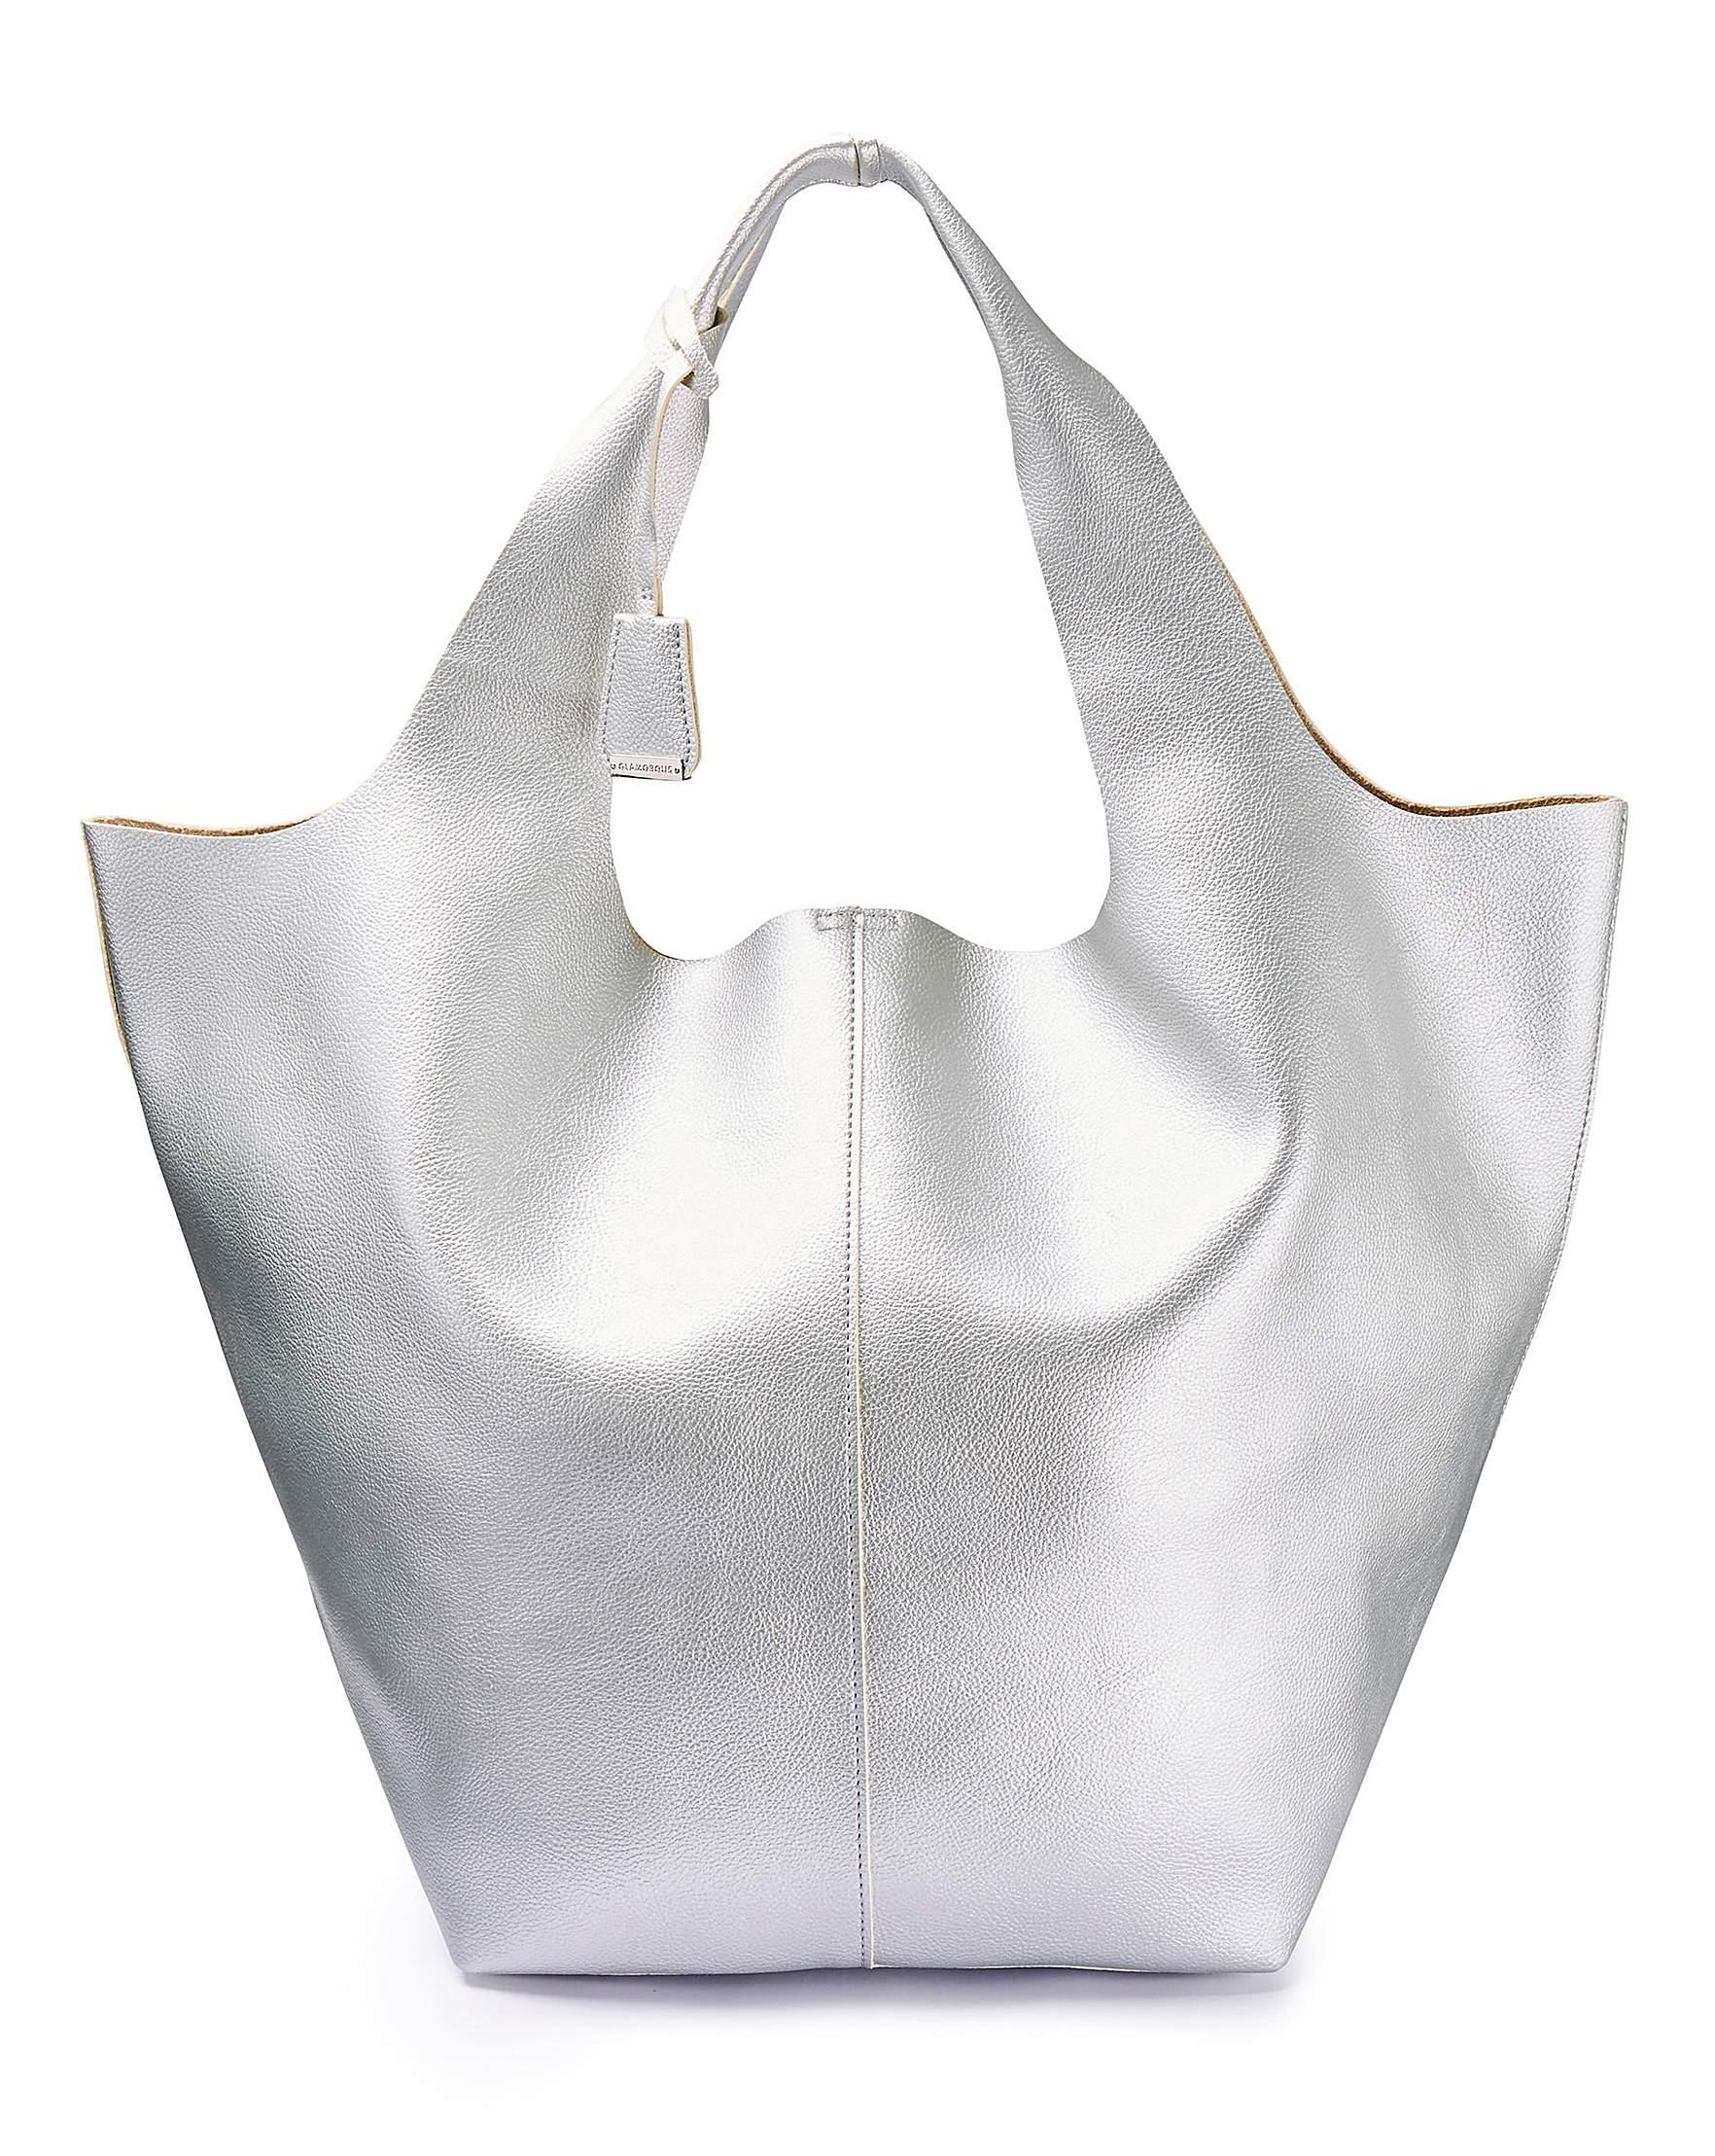 918ee1b0f3262 Metallic Silver Tote Bag